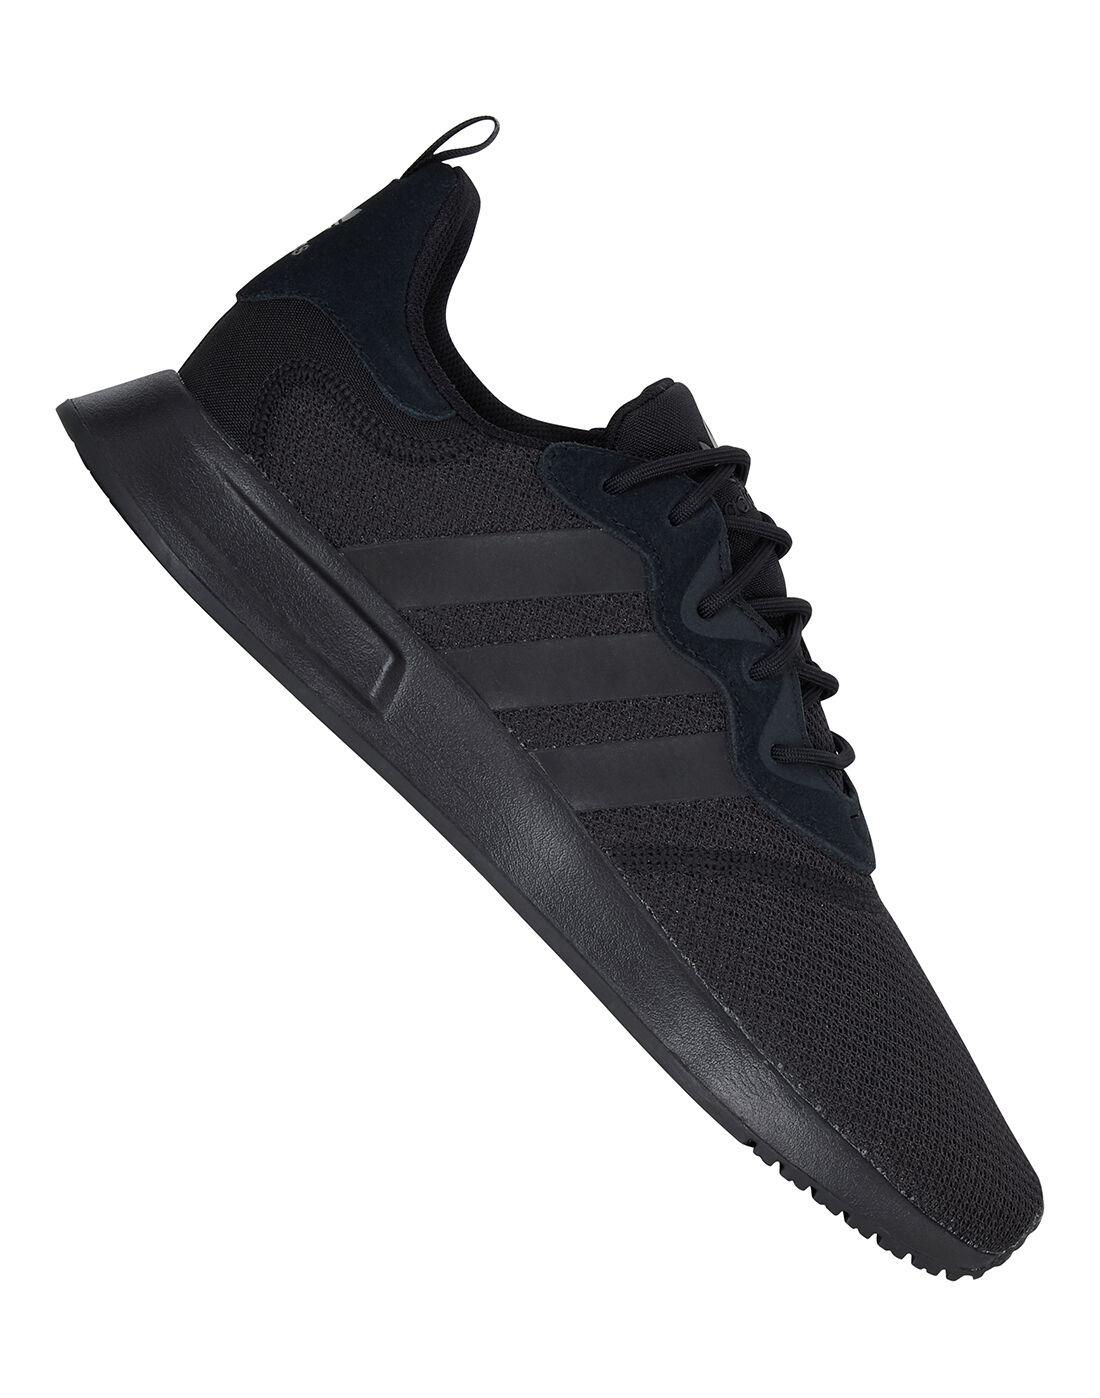 adidas Originals Mens X_PLR - Black